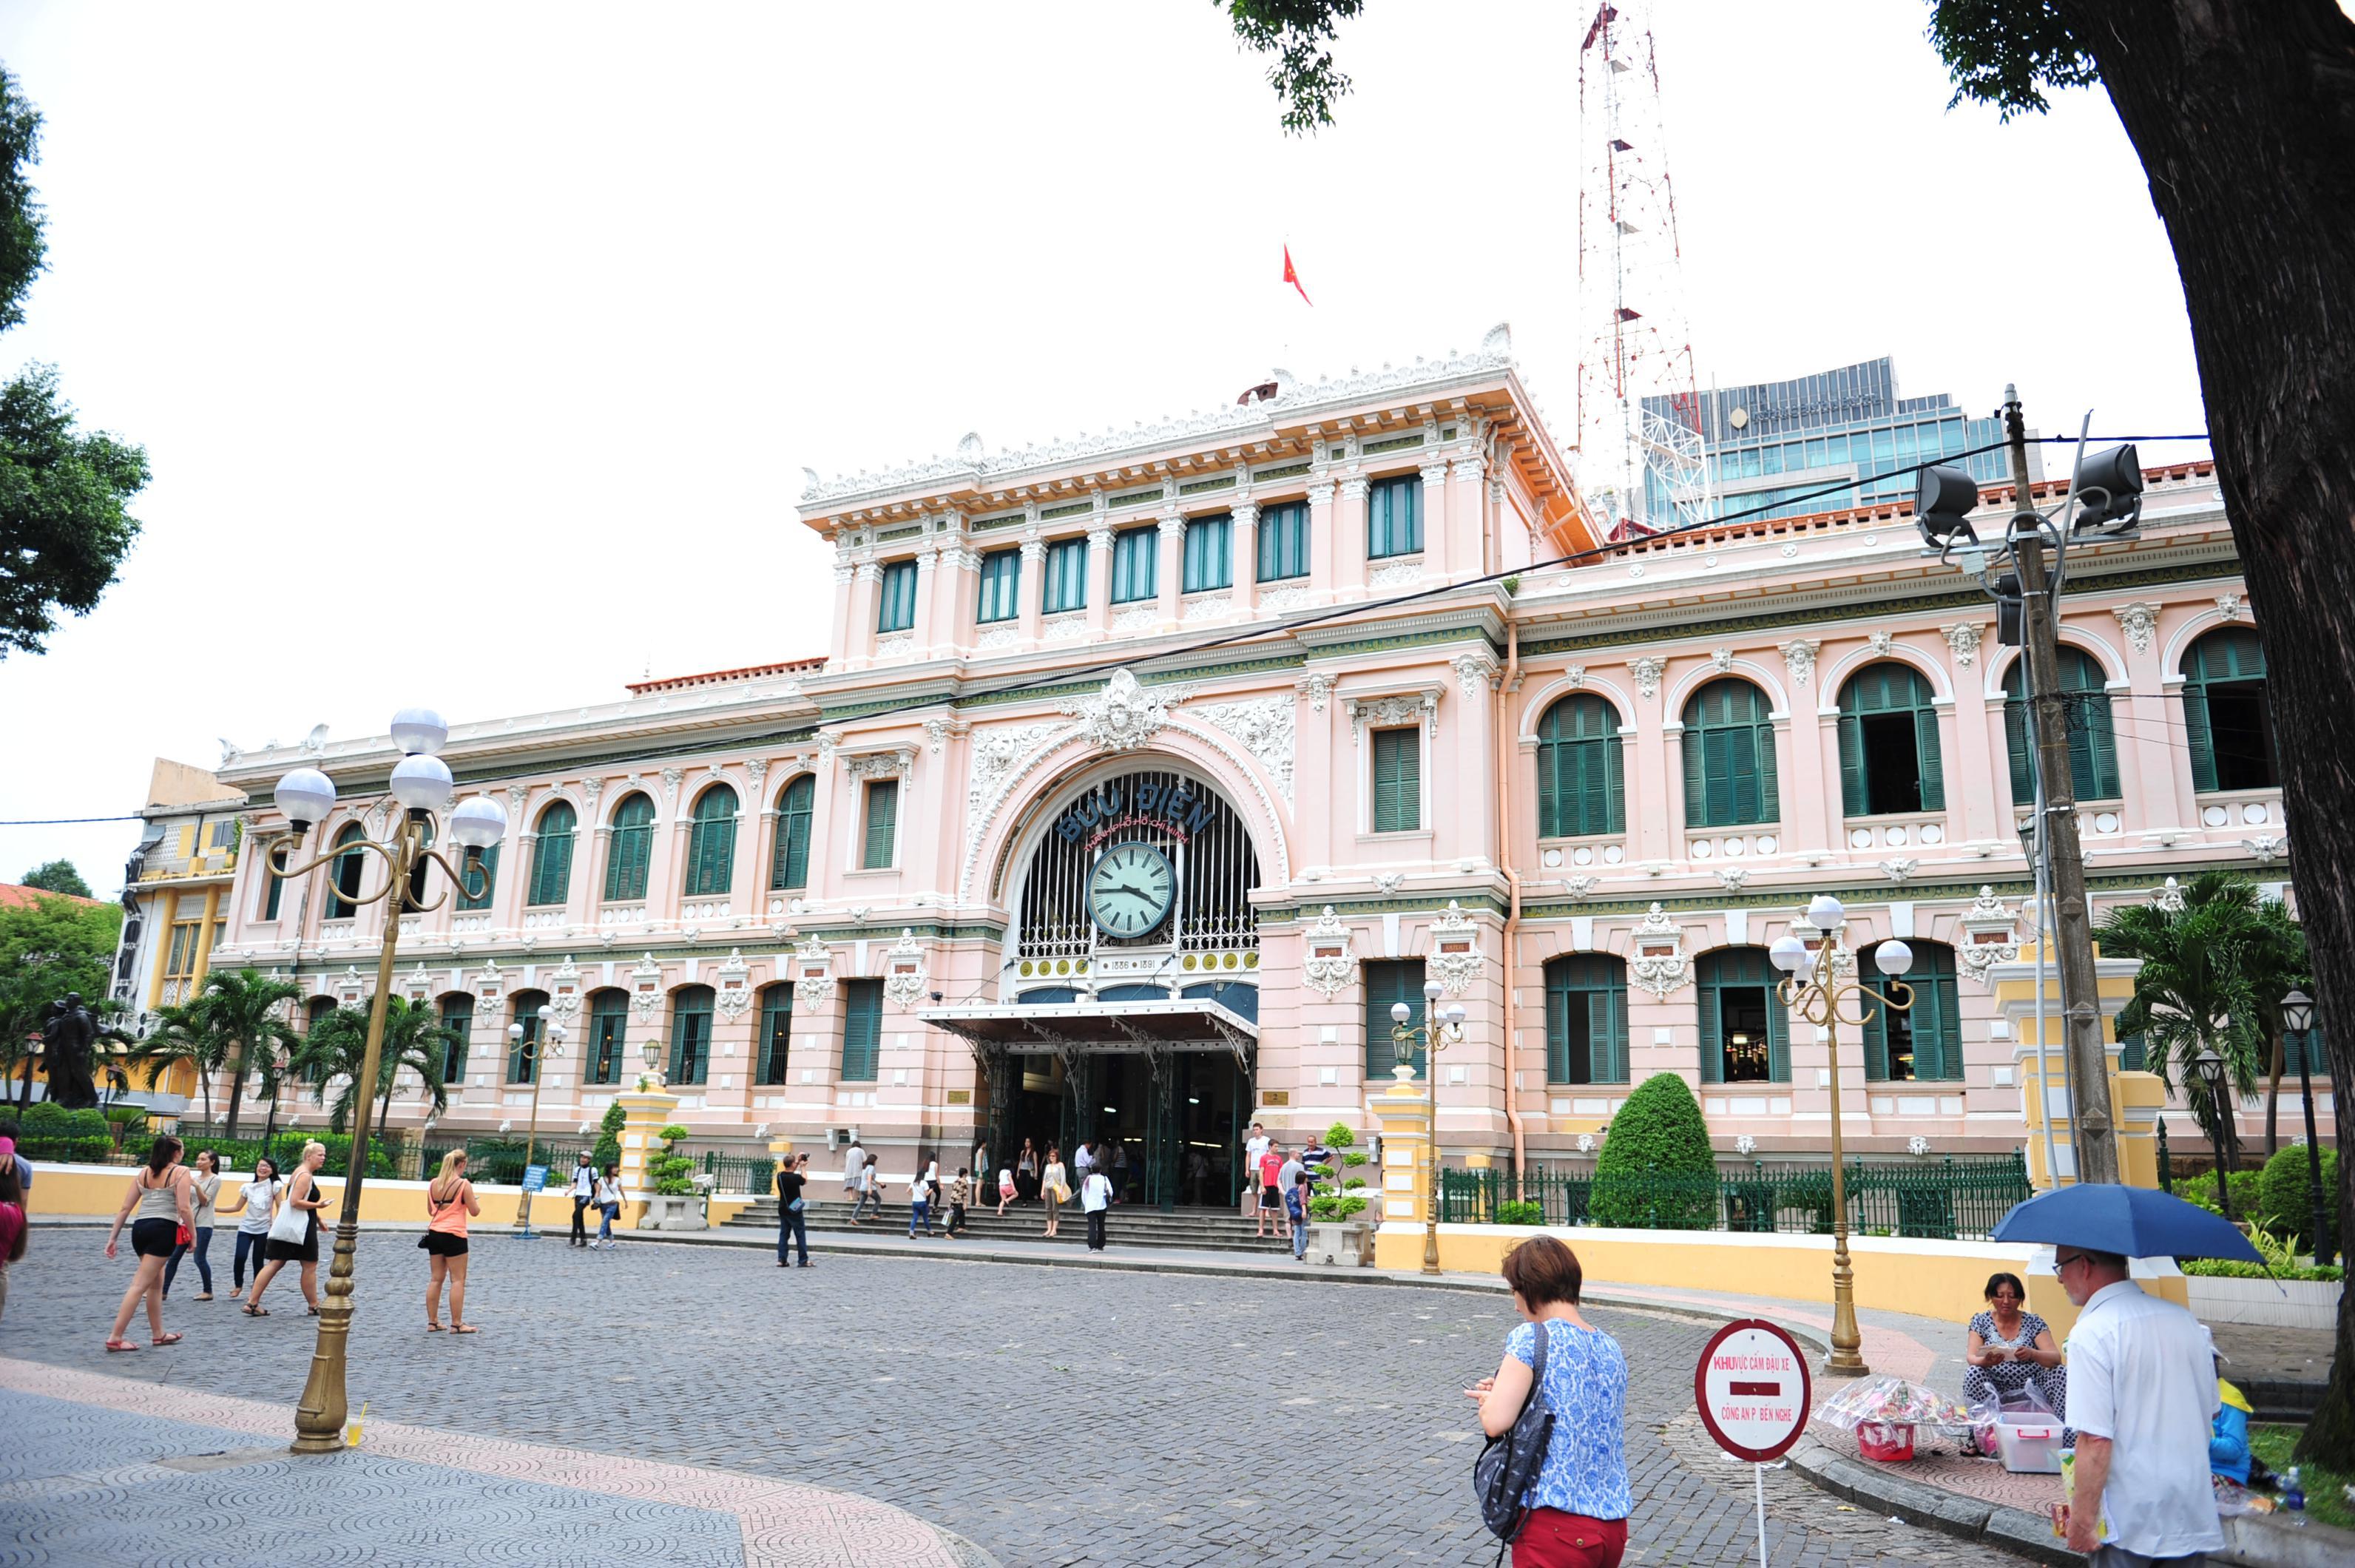 整座欧式风格大楼居然全部都是邮局,可以想象出里面是怎样的气派!